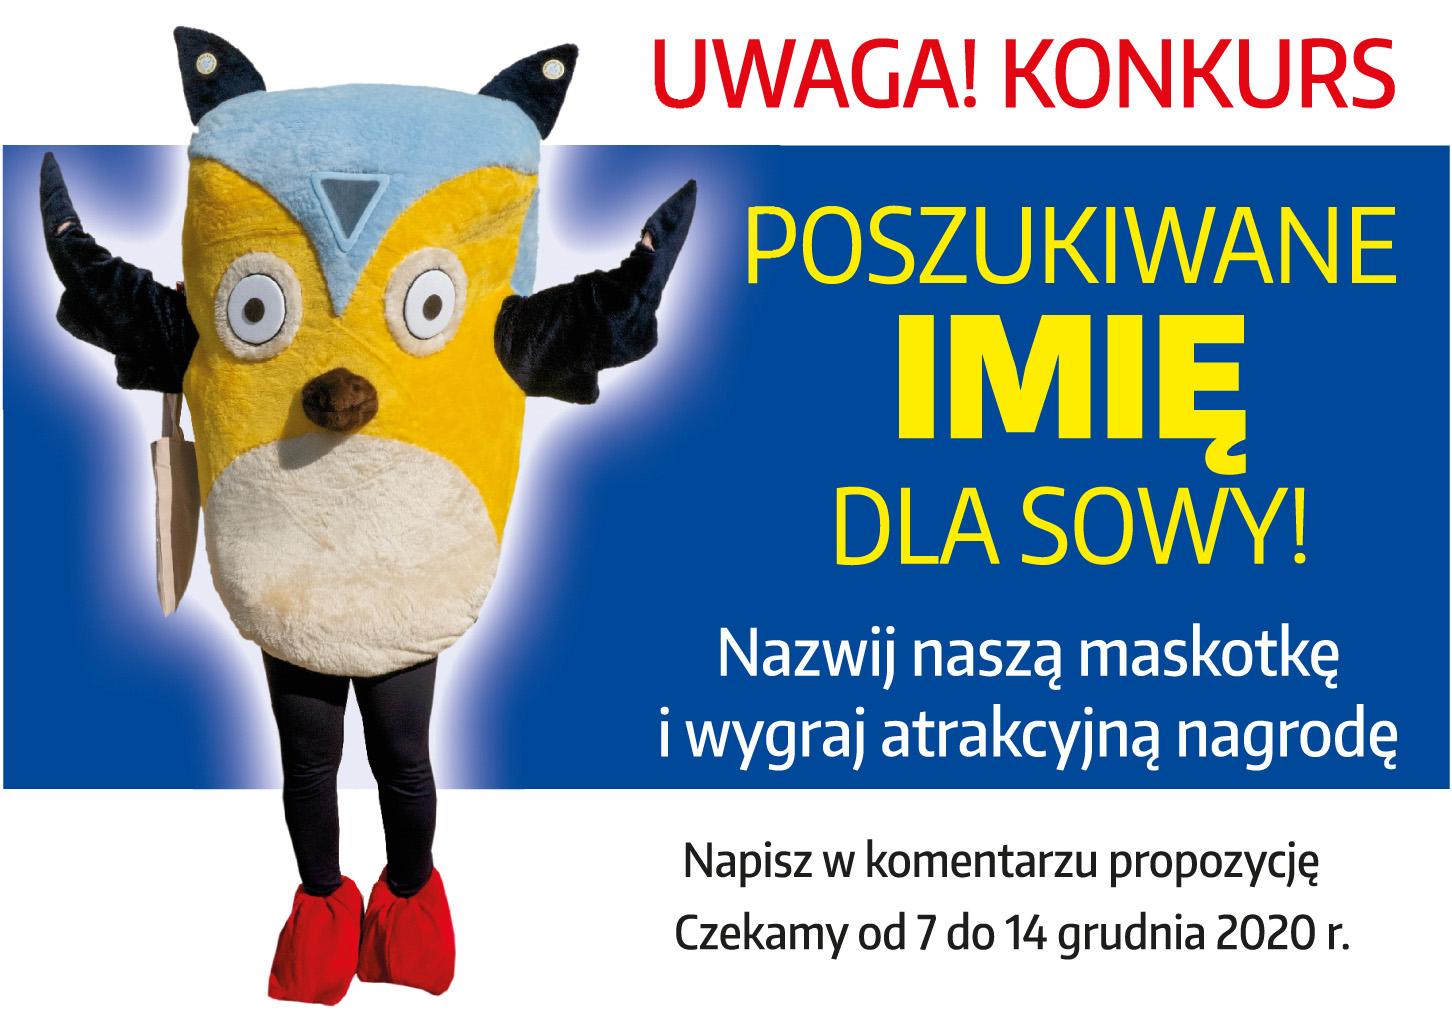 1 konkurs sowa plakat KONKURS! Poszukiwane imię dla SOWY - bibliotecznej maskotki.